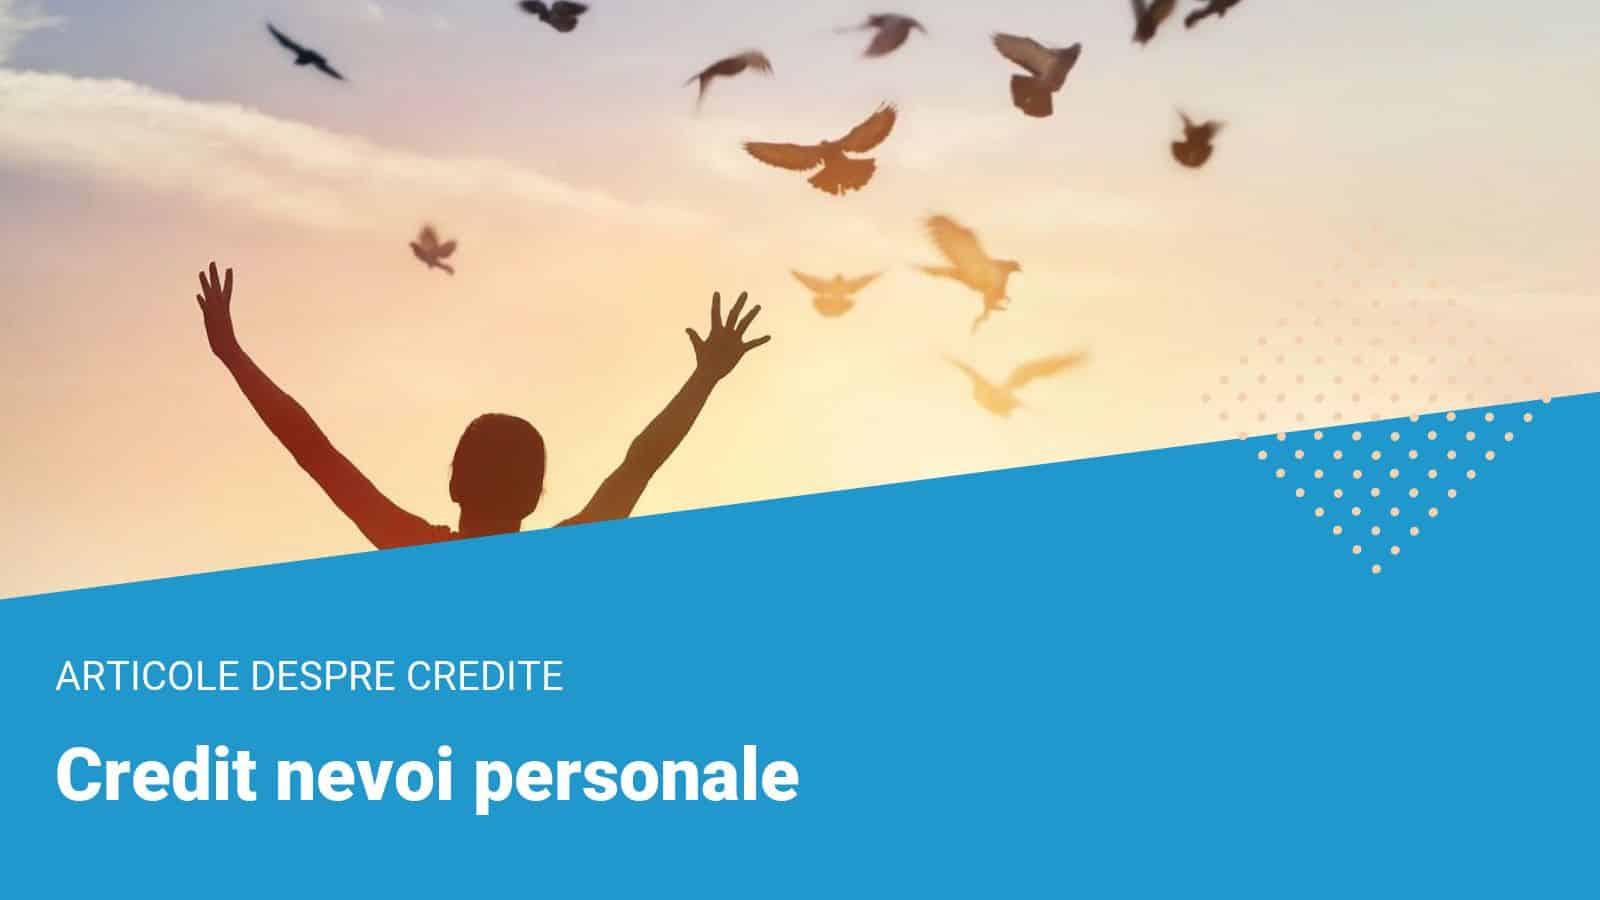 credit nevoi personale